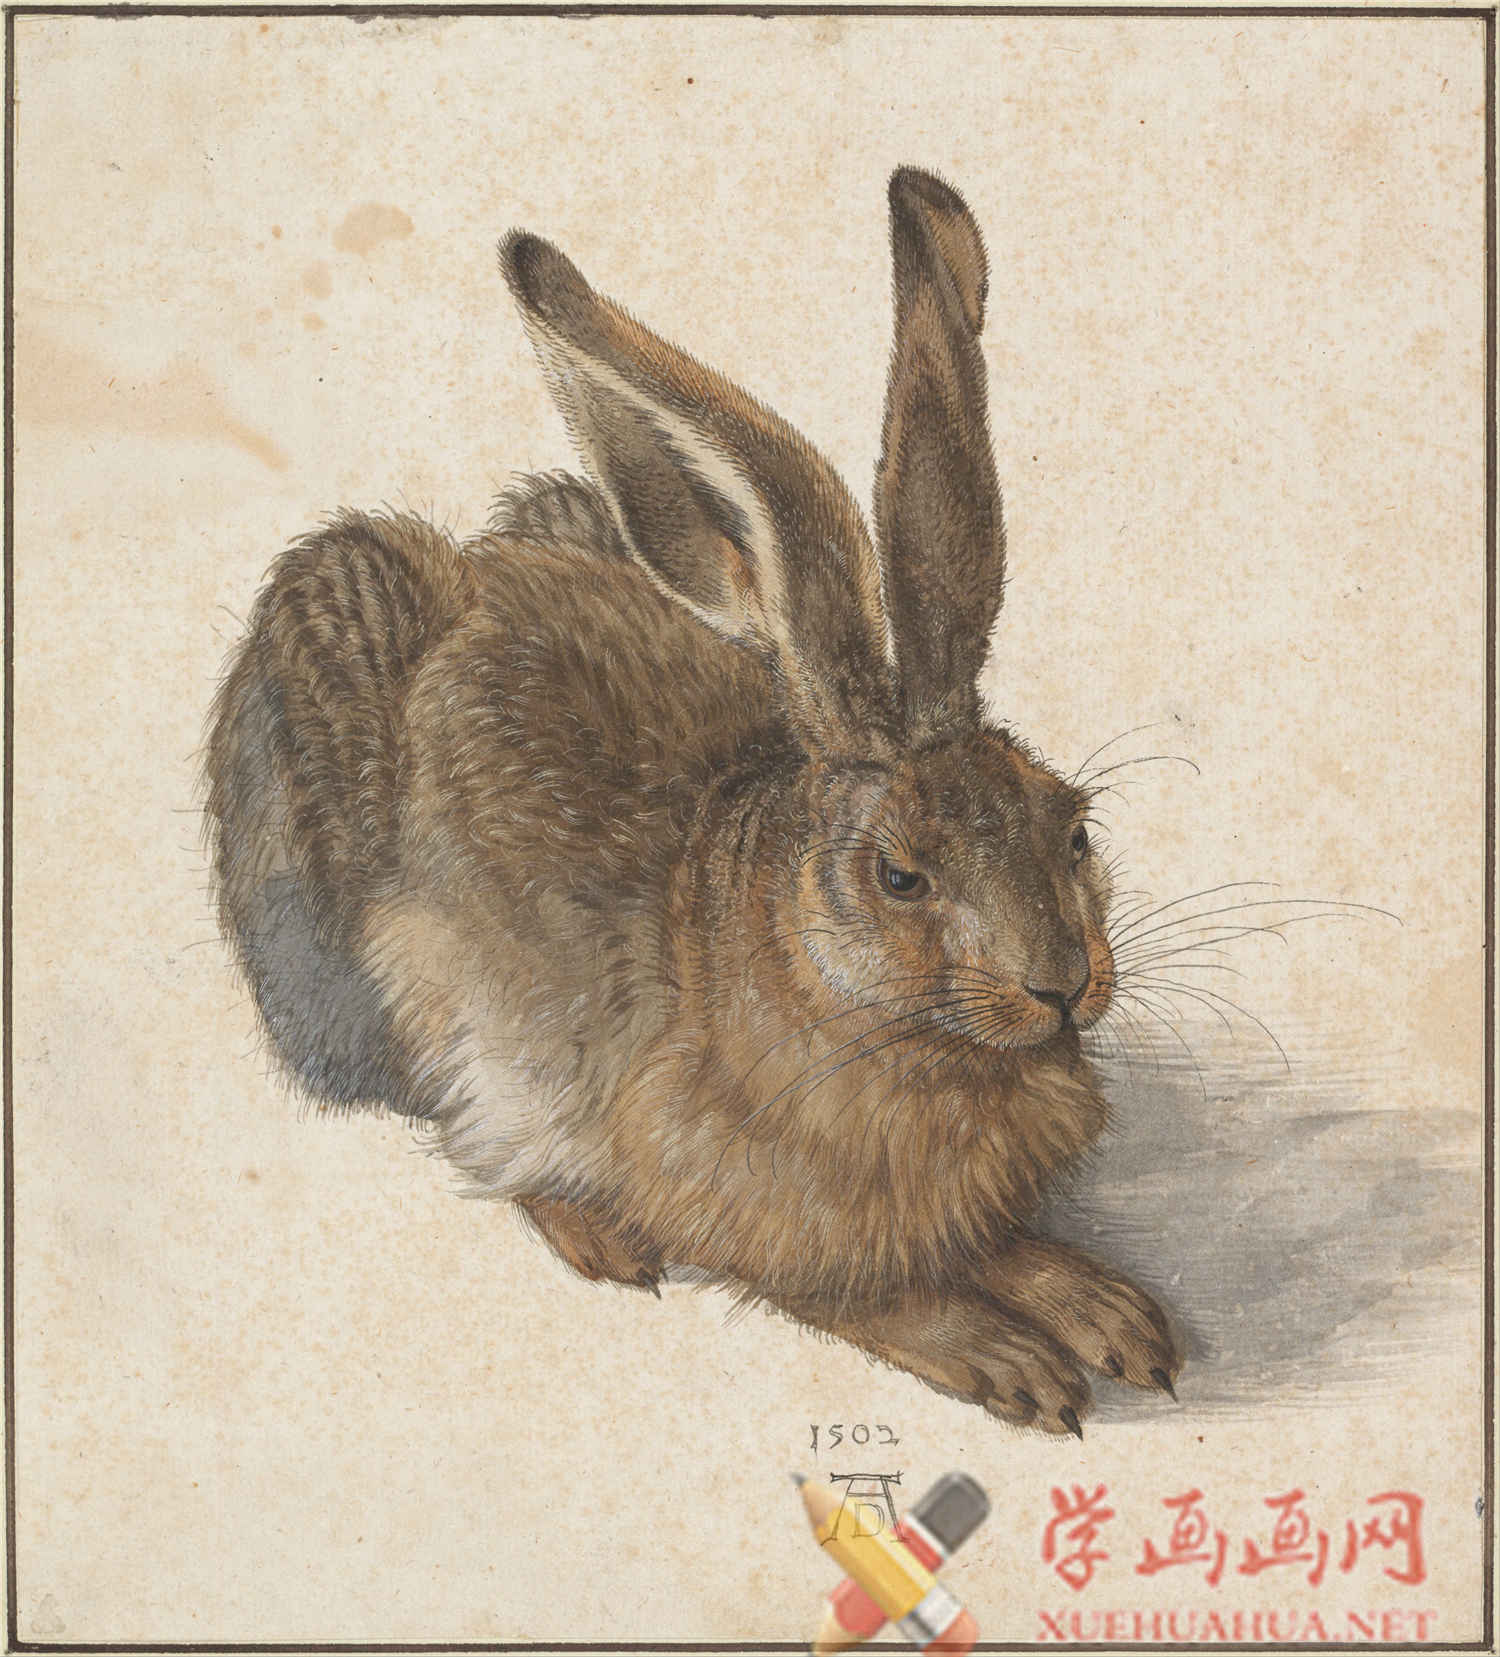 丢勒高清素描画图片《素描动物篇》欣赏